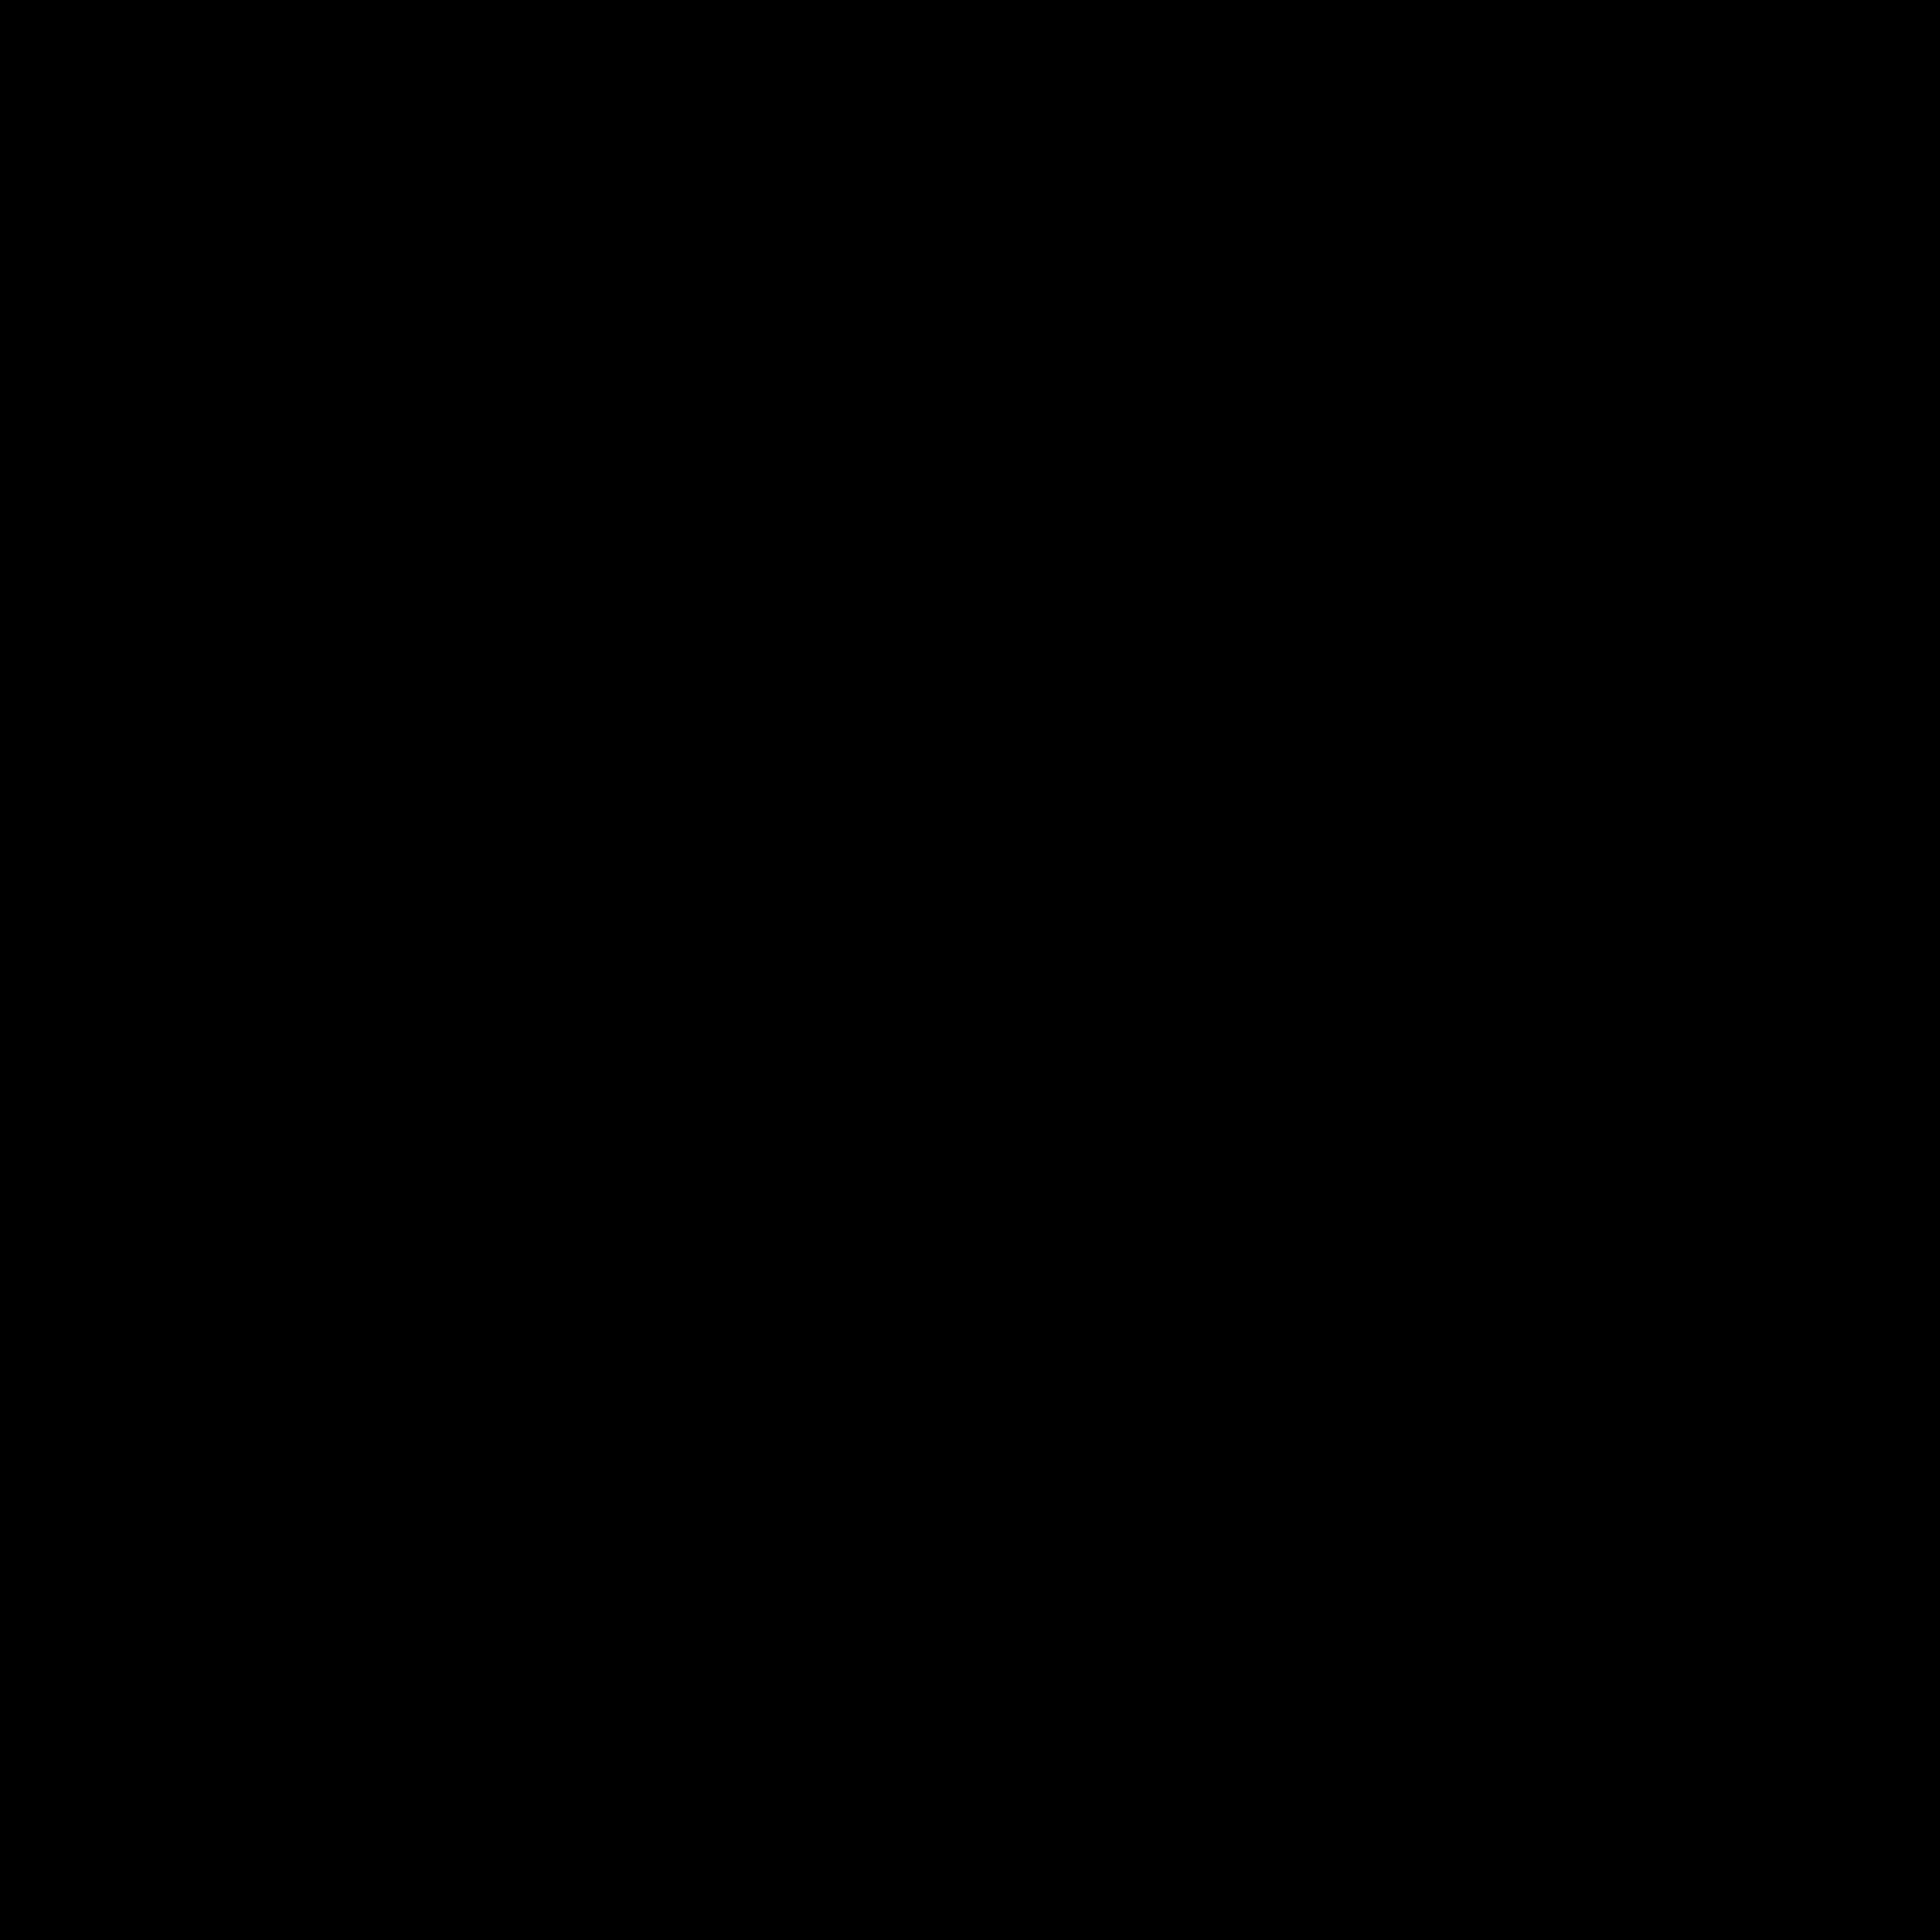 Pear clipart svg. File black icon wikimedia